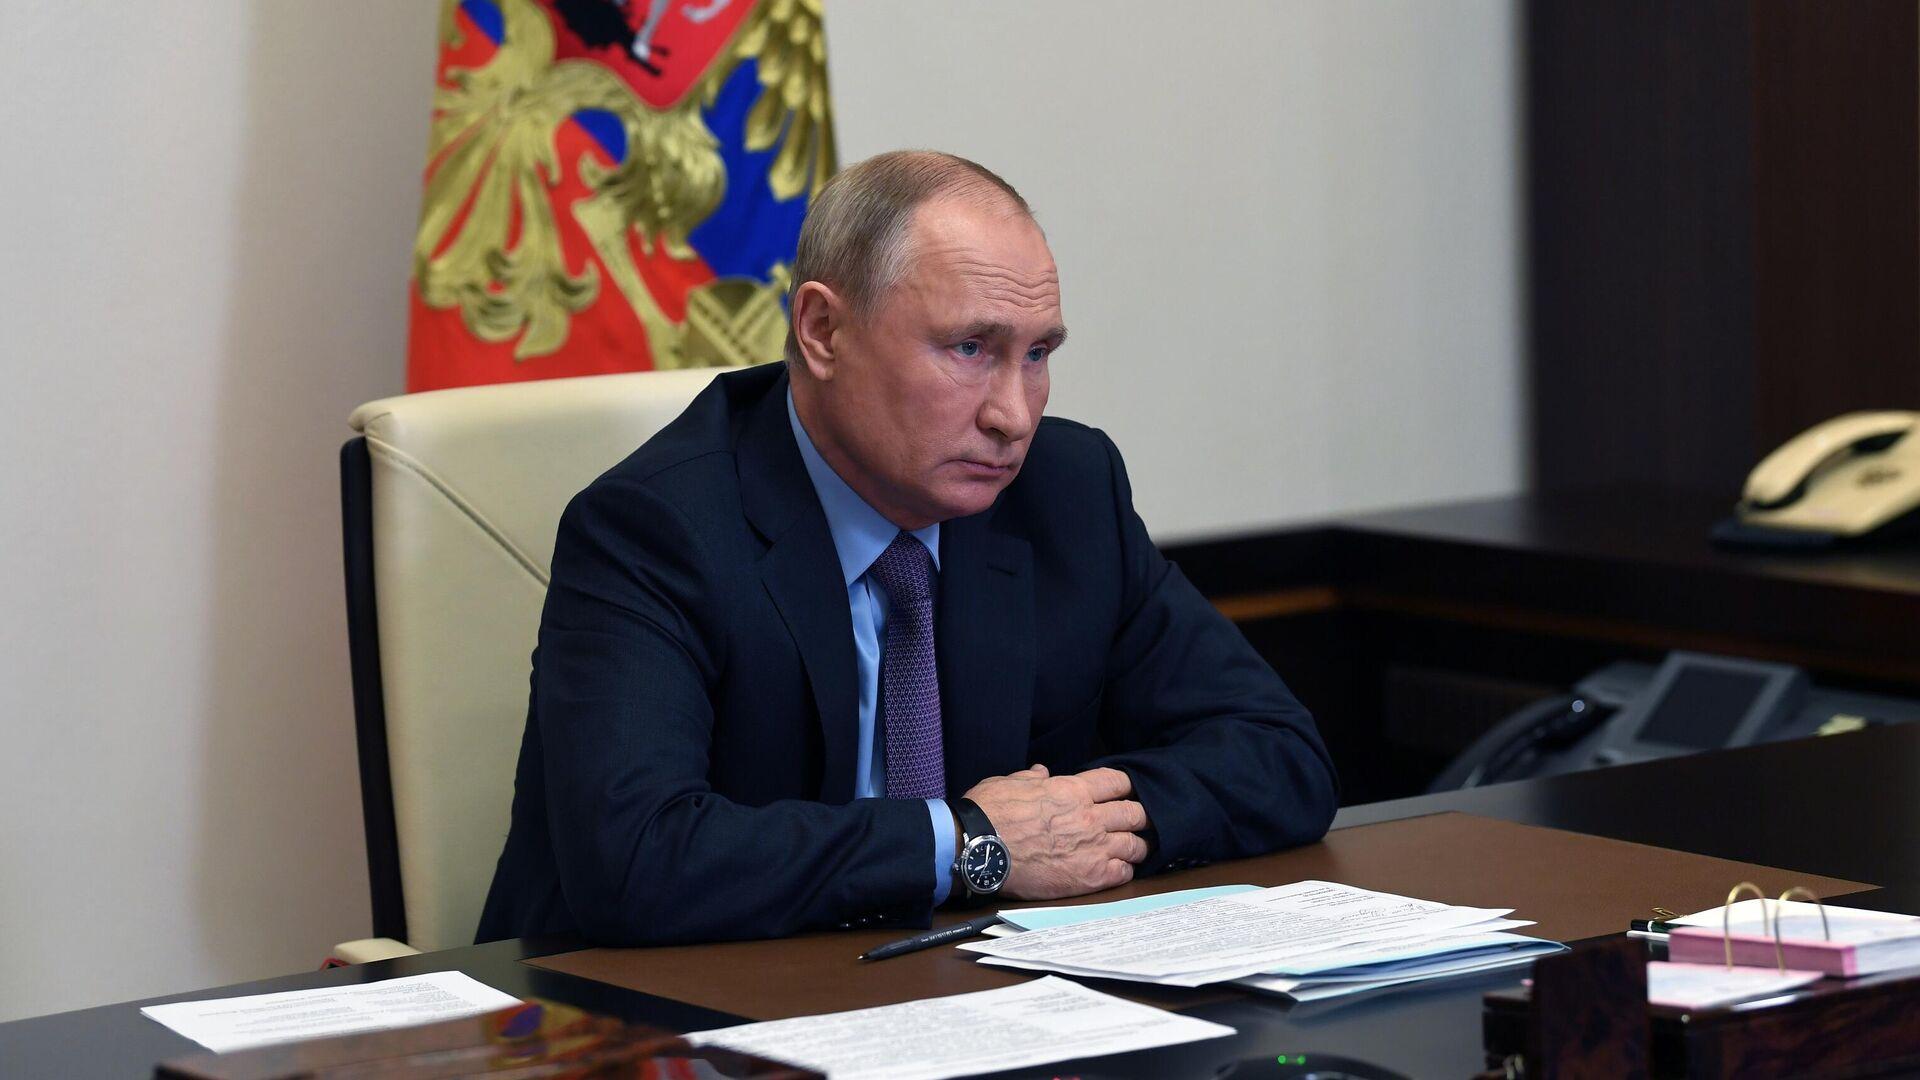 Президент РФ Владимир Путин проводит в режиме видеоконференции совещание с членами правительства РФ - РИА Новости, 1920, 11.12.2020